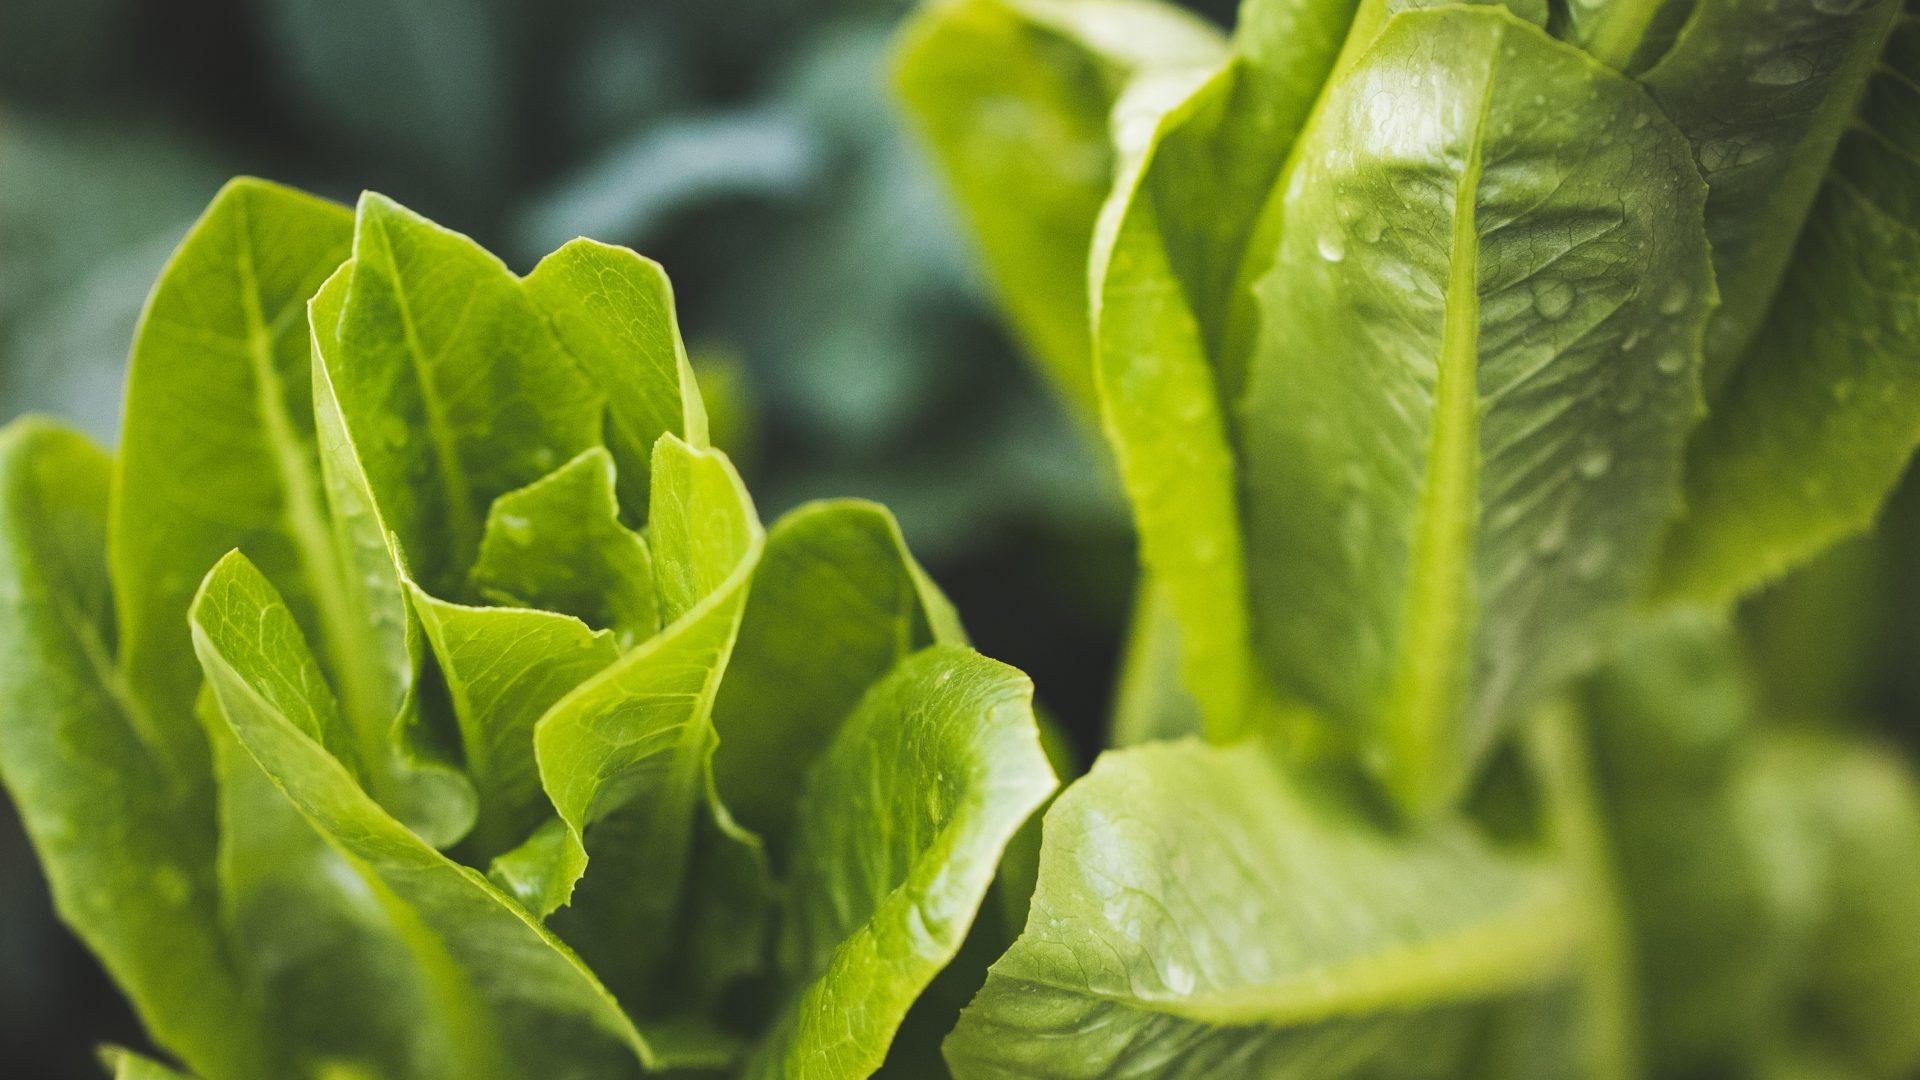 Agricultura sostenible: Prevención de problemas en lechuga y brócoli